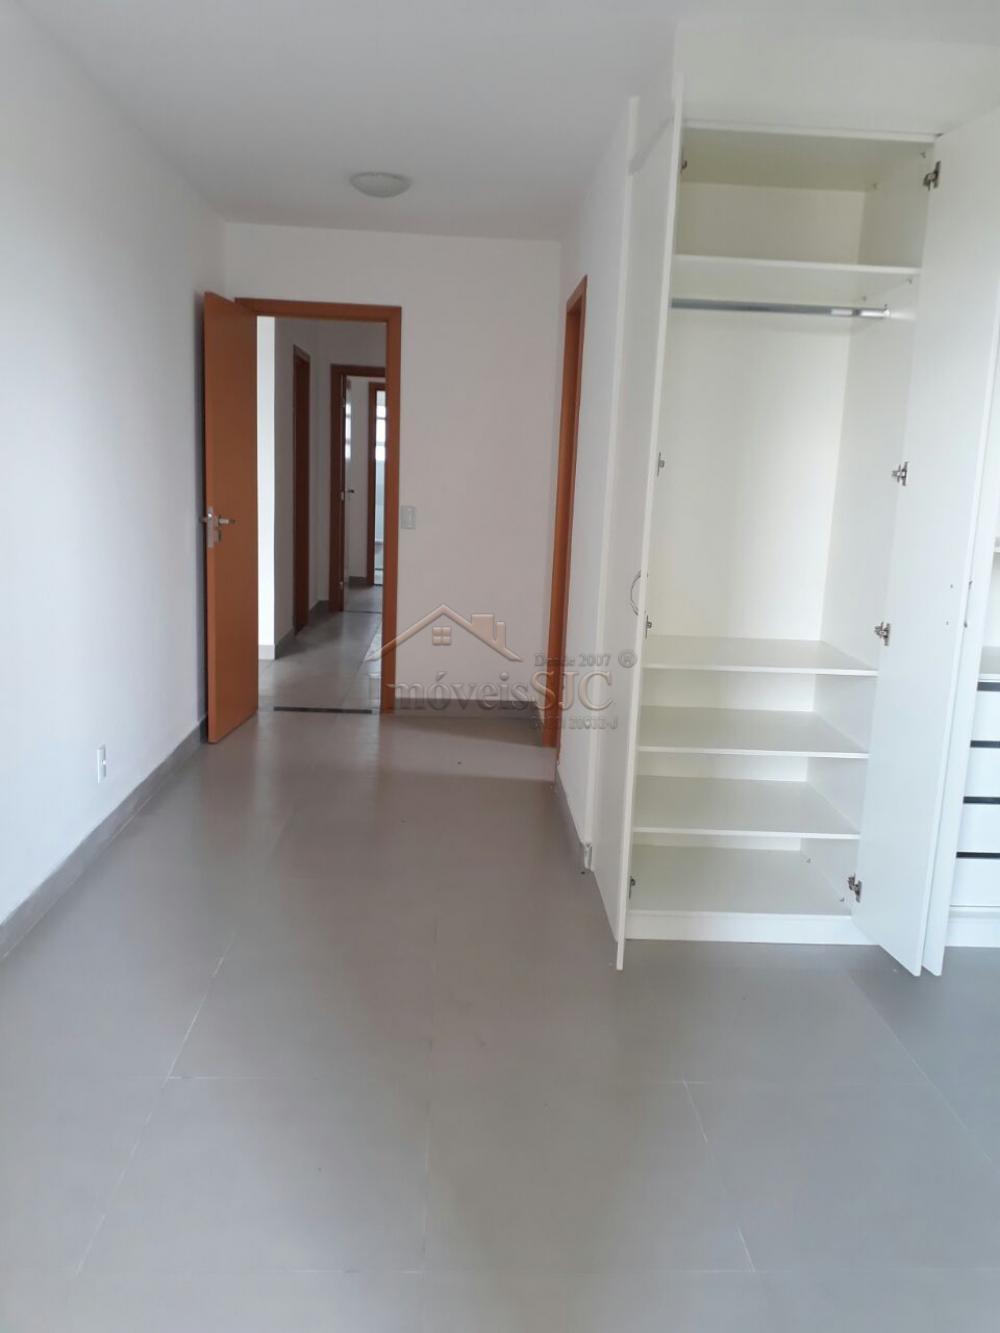 Alugar Apartamentos / Padrão em São José dos Campos apenas R$ 2.800,00 - Foto 9